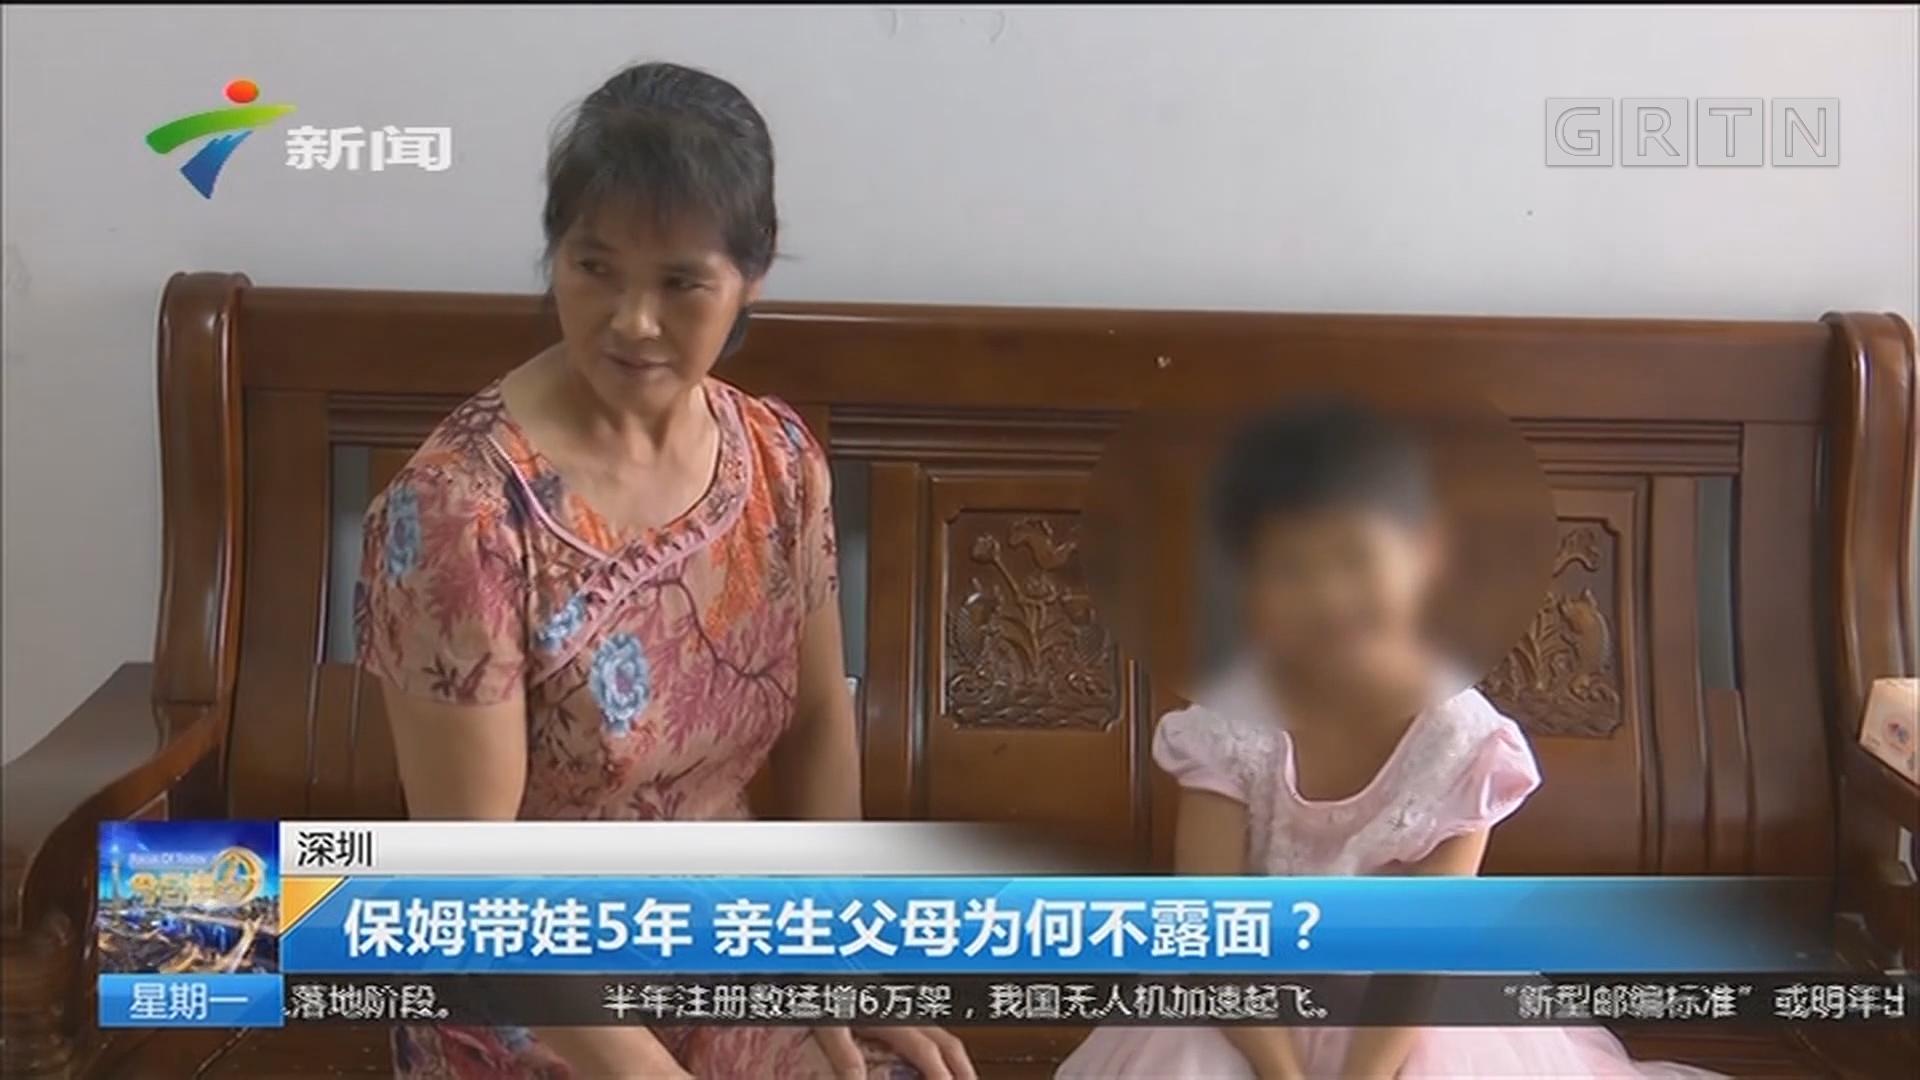 深圳:保姆带娃5年 亲生父母为何不露面?